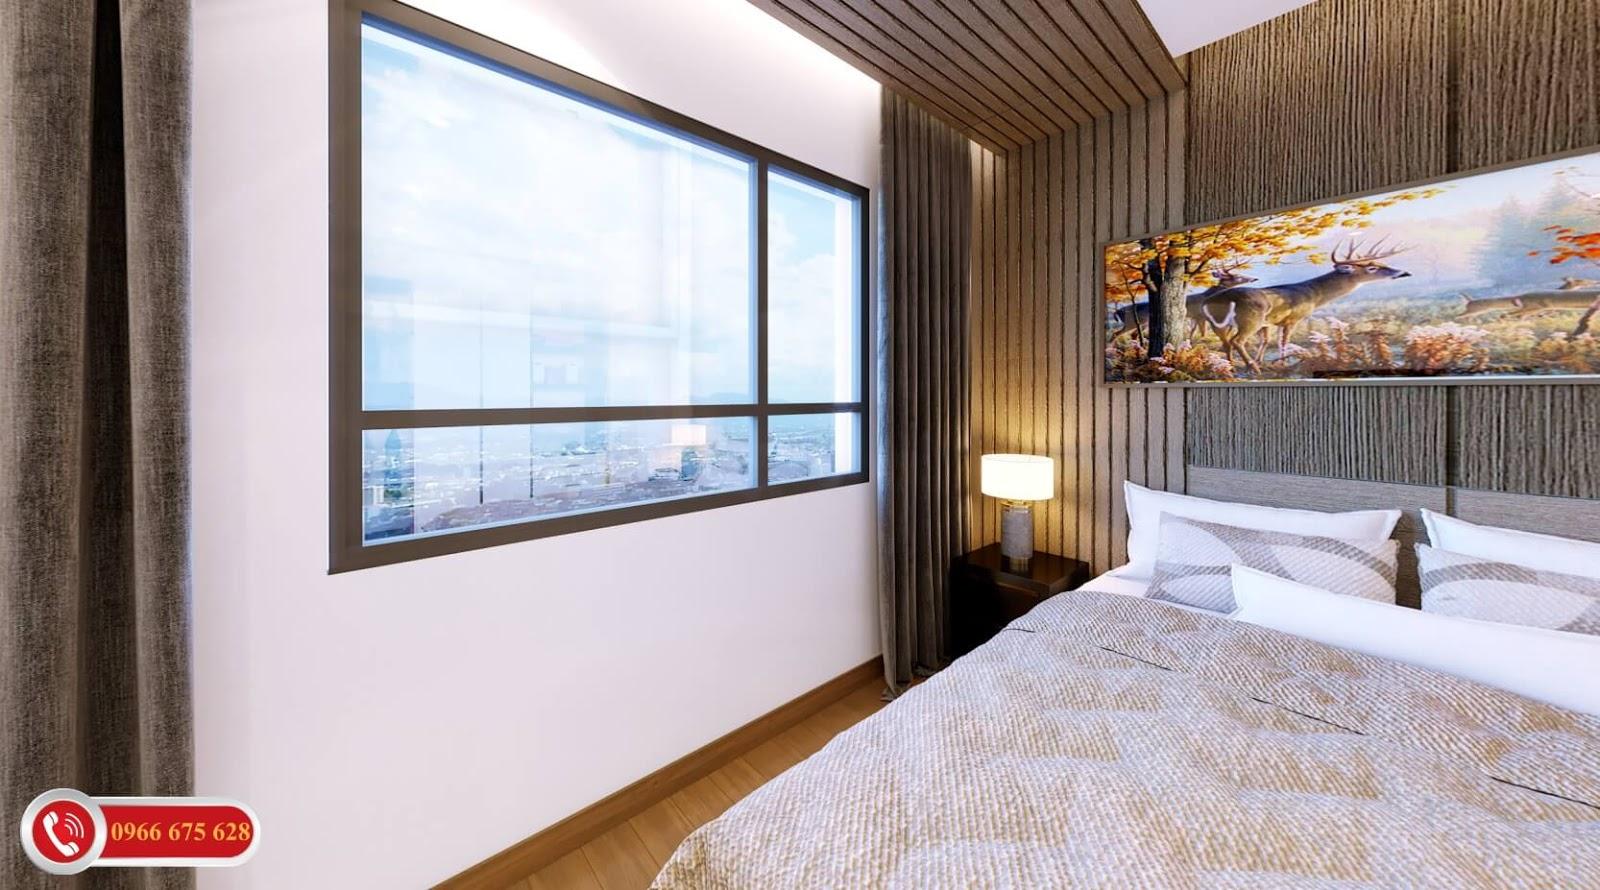 Phòng ngủ cao cấp dự án Amber Riverside 622 Minh Khai